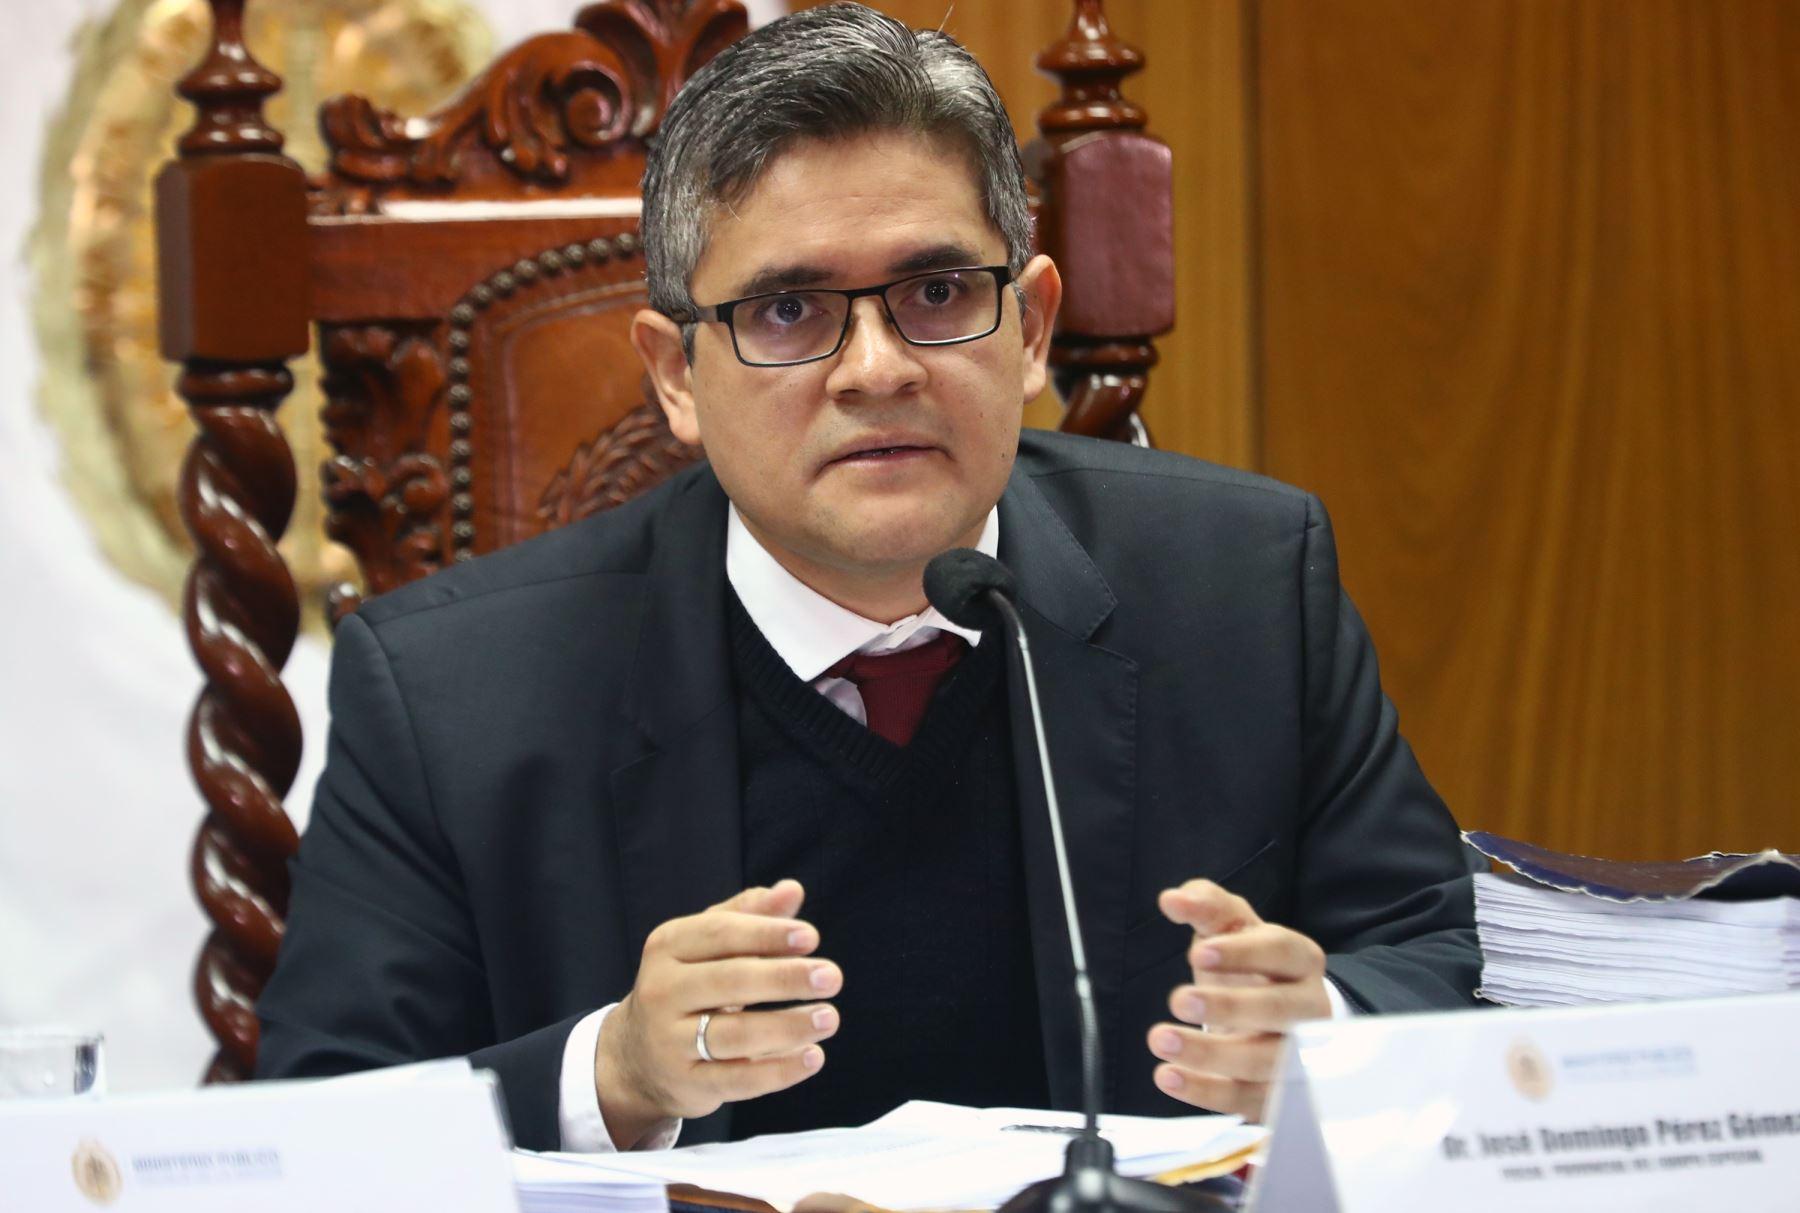 Fiscal Pérez apelará sanción  por dar declaraciones políticas